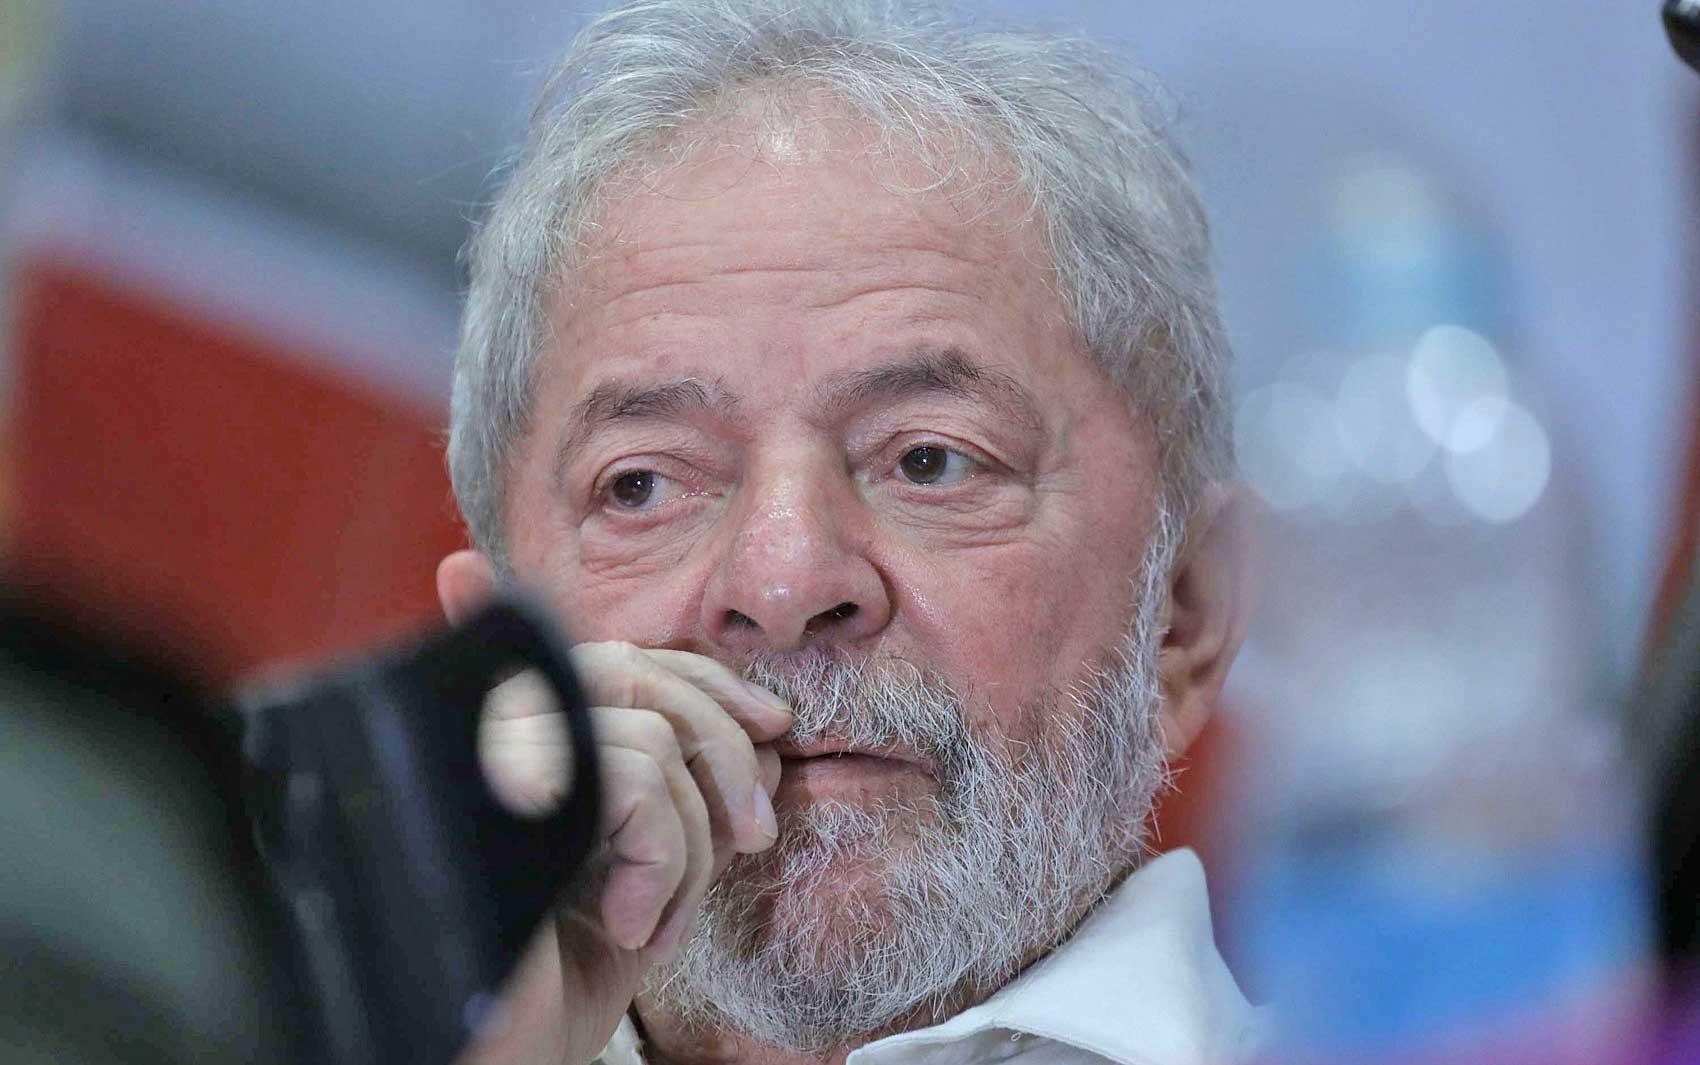 Defesa de Lula entra com recursos para ir ao STJ e STF contra condenação no caso do triplex